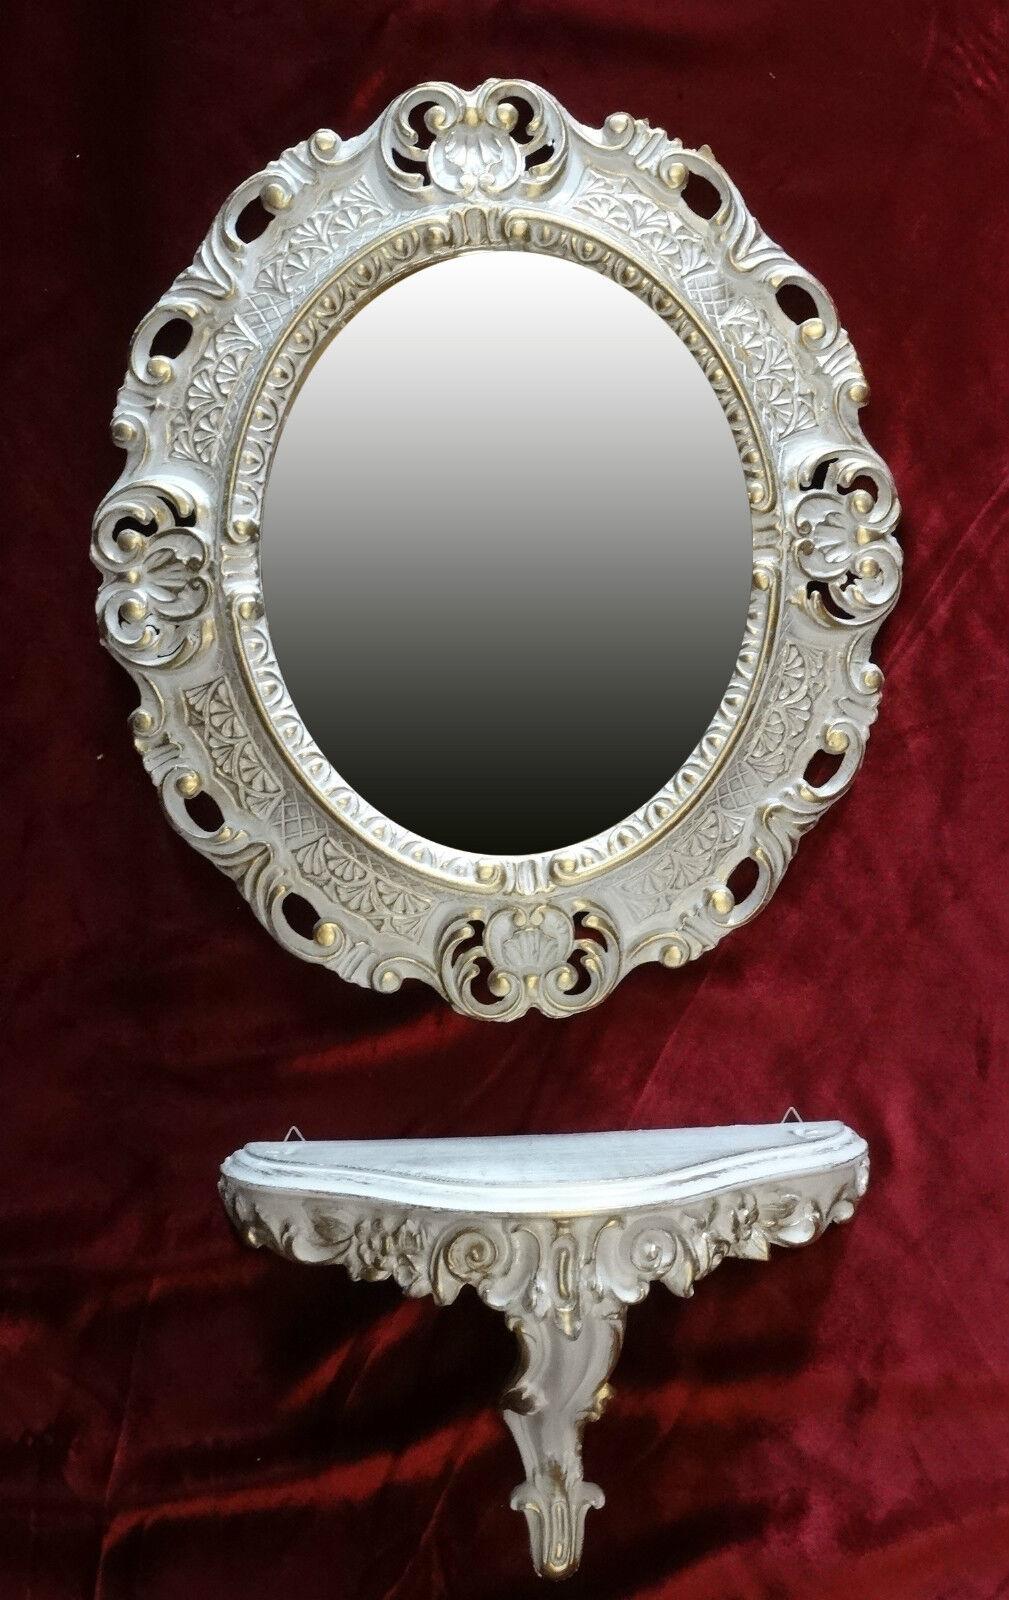 Wandspiegel konsole oval wandkonsole set barock antik 44x38 wei gold 1 ebay - Wandspiegel oval ...